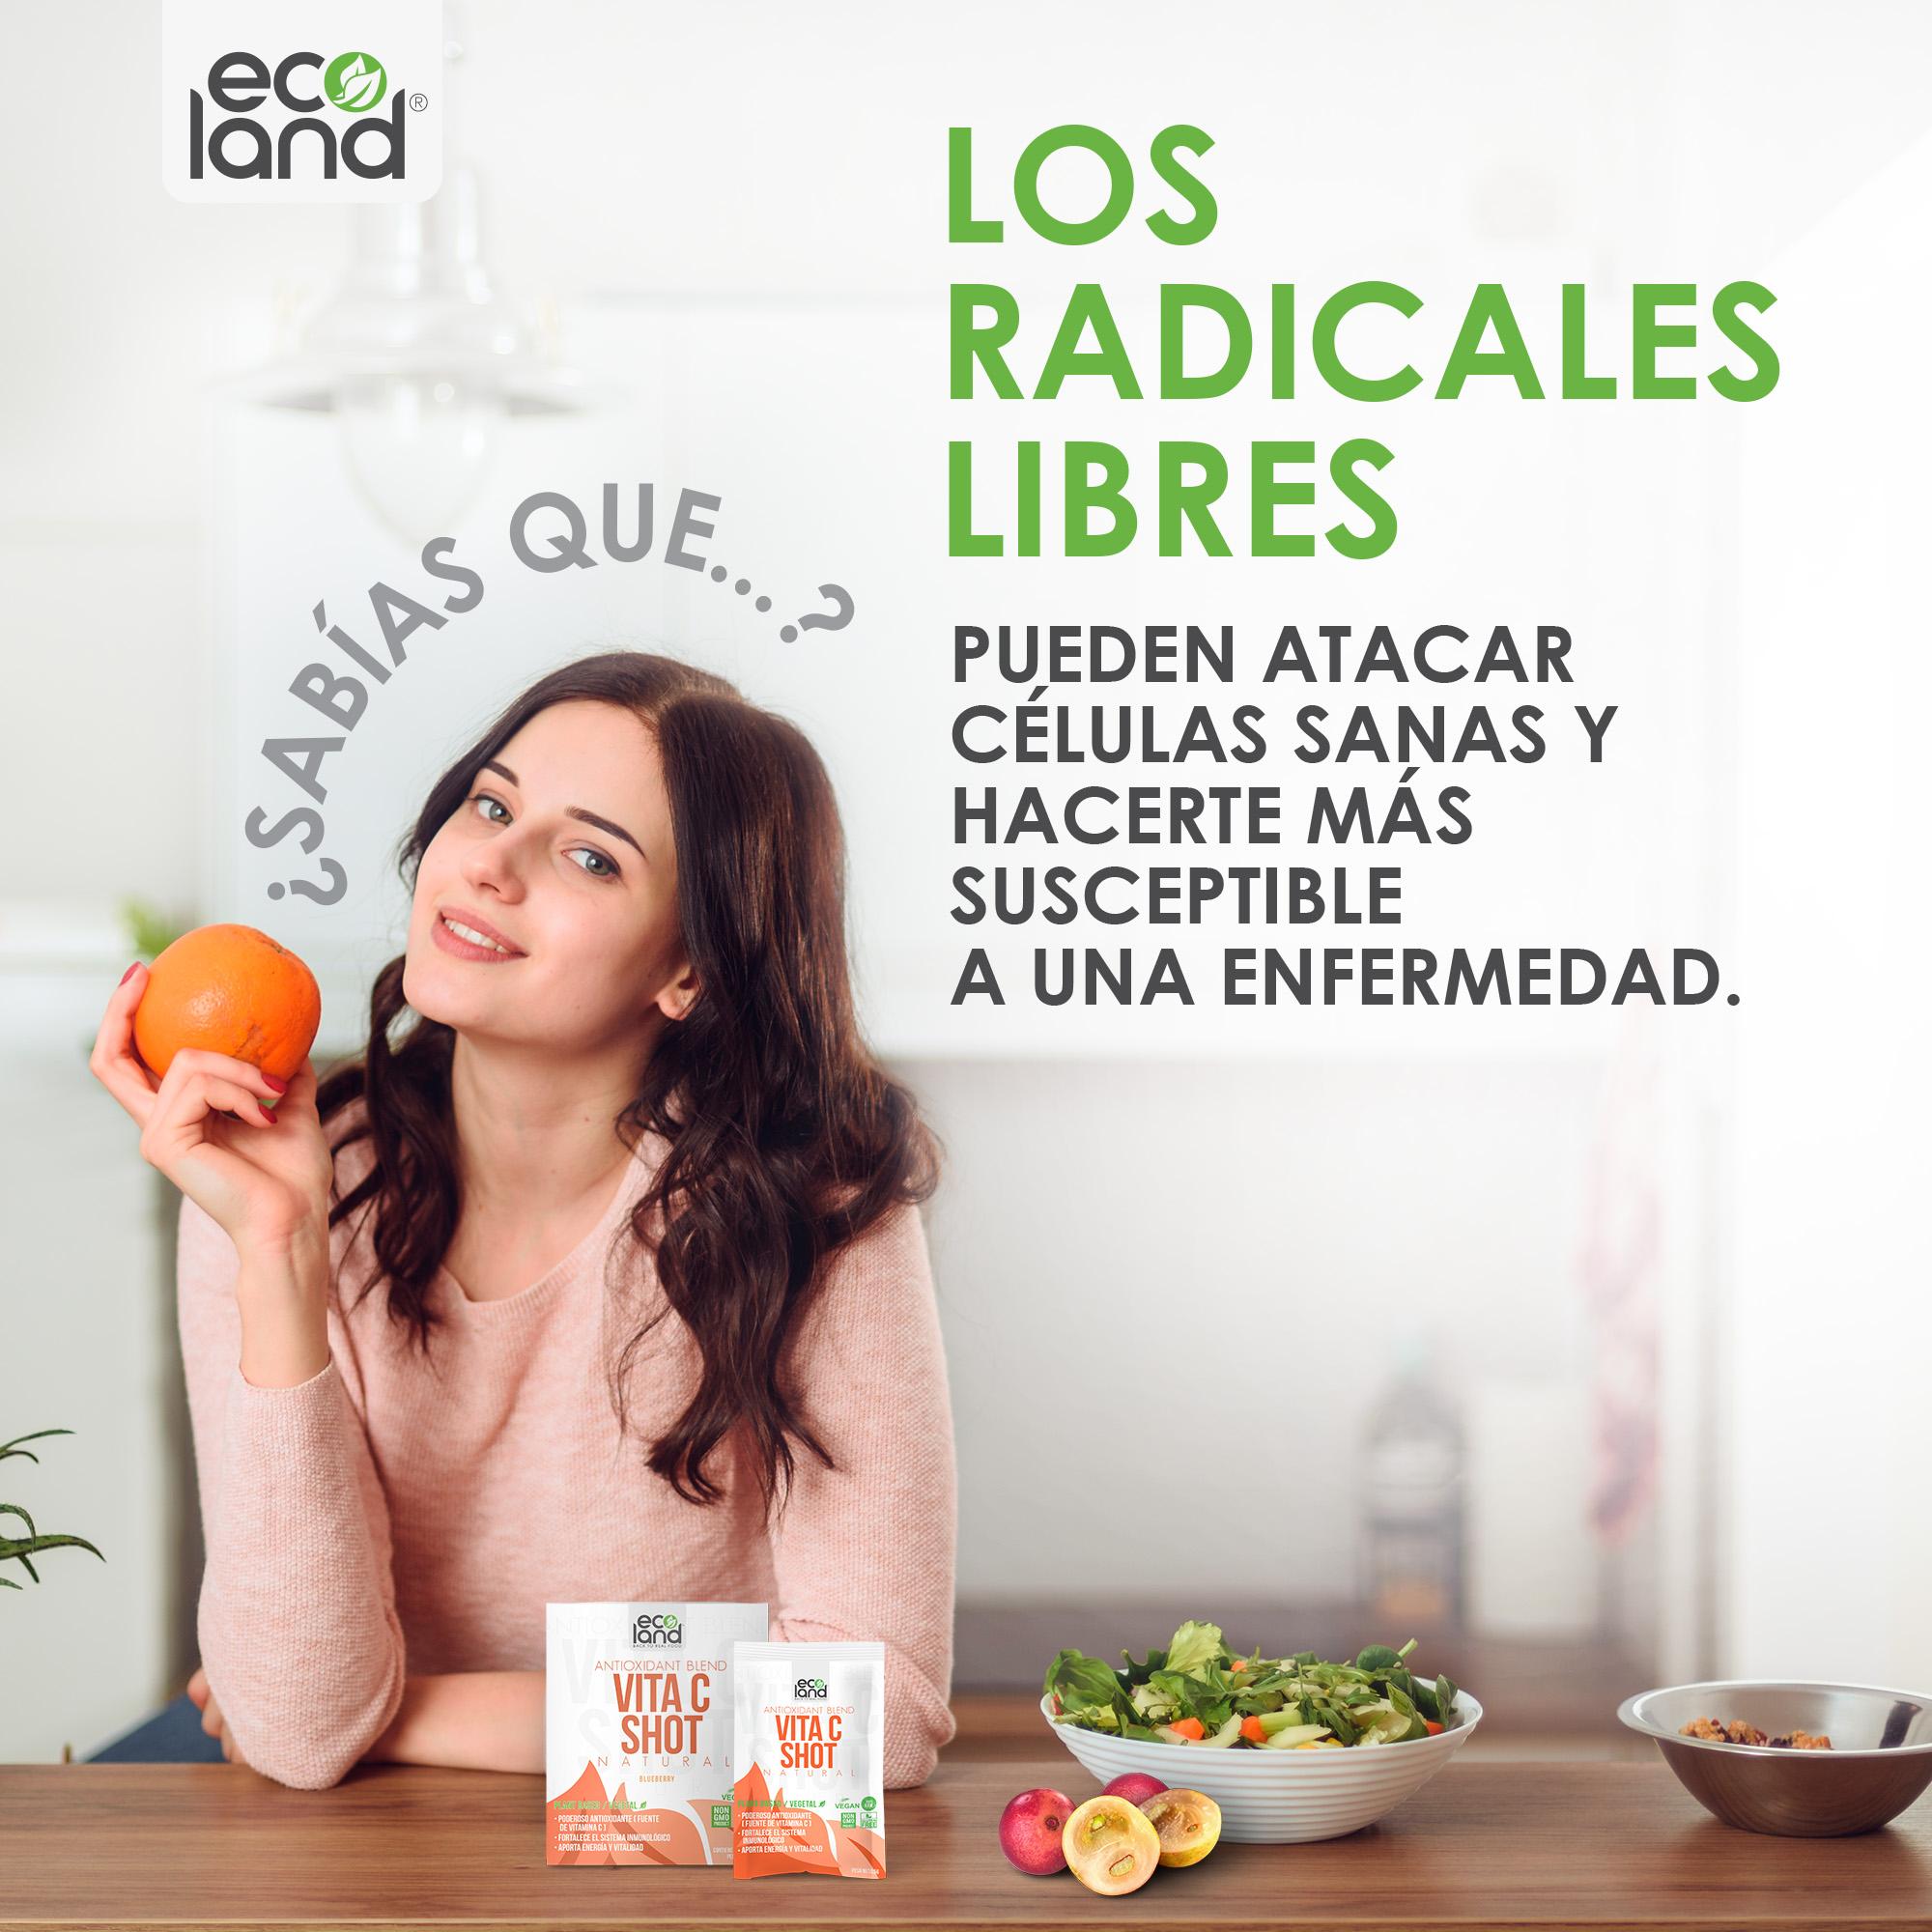 LOS RADICALES LIBRES Y LAS ENFERMEDADES